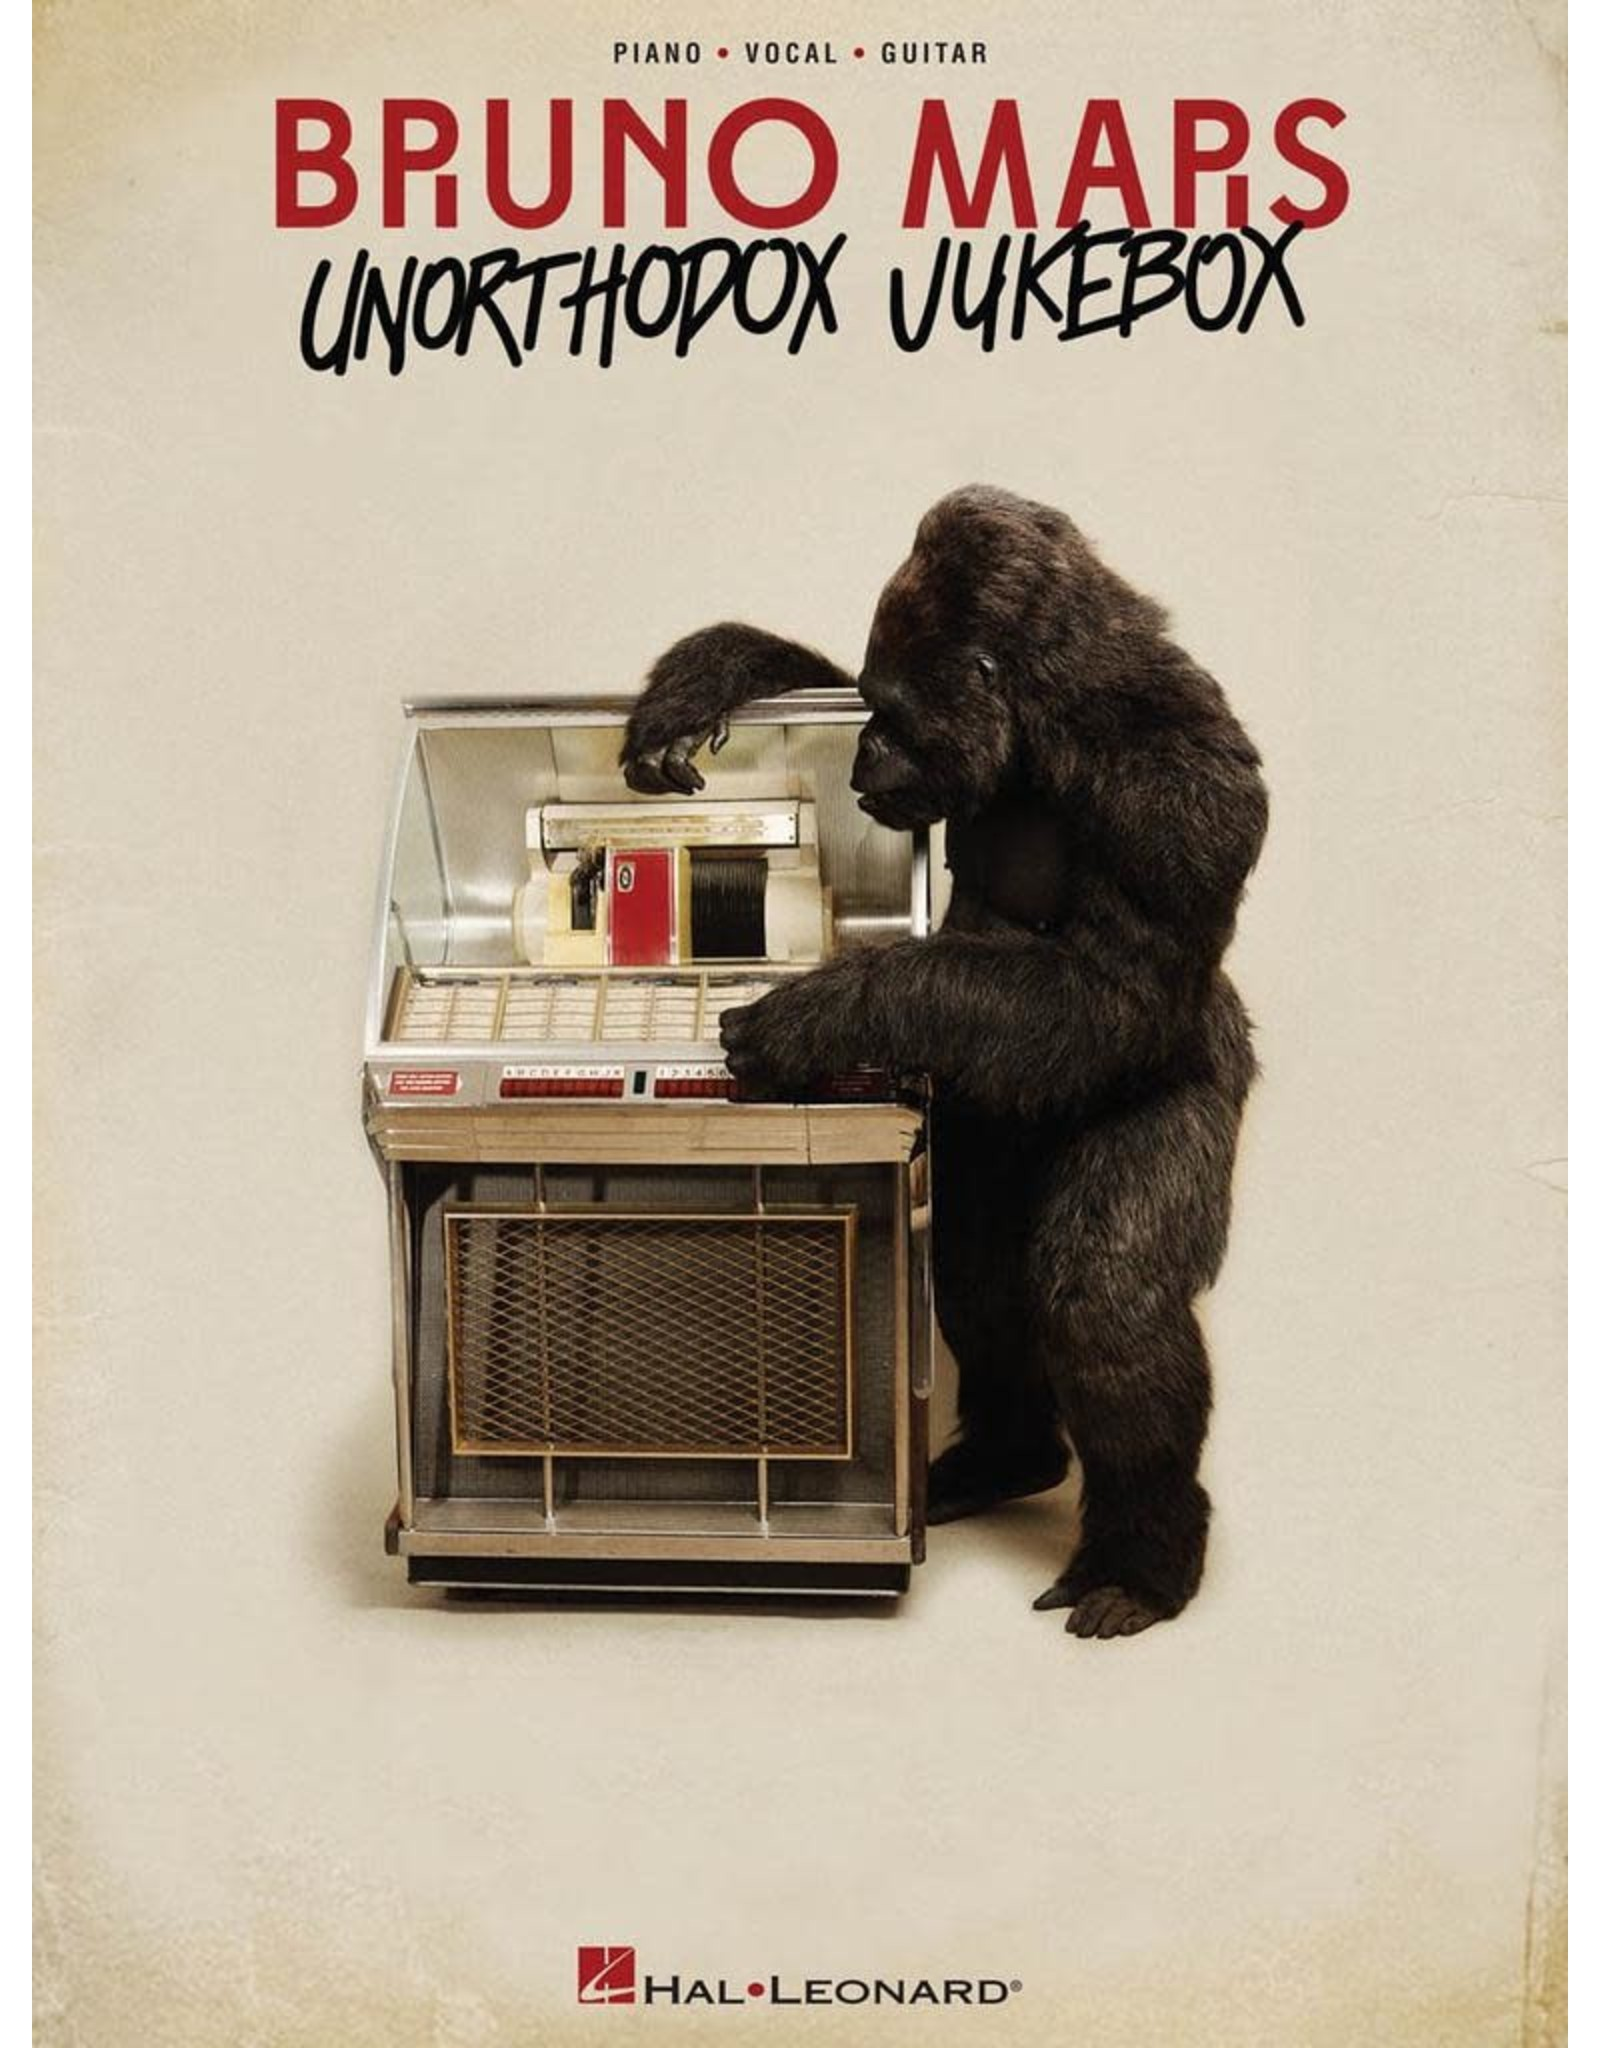 Hal Leonard Bruno Mars - Unorthodox Jukebox PVG